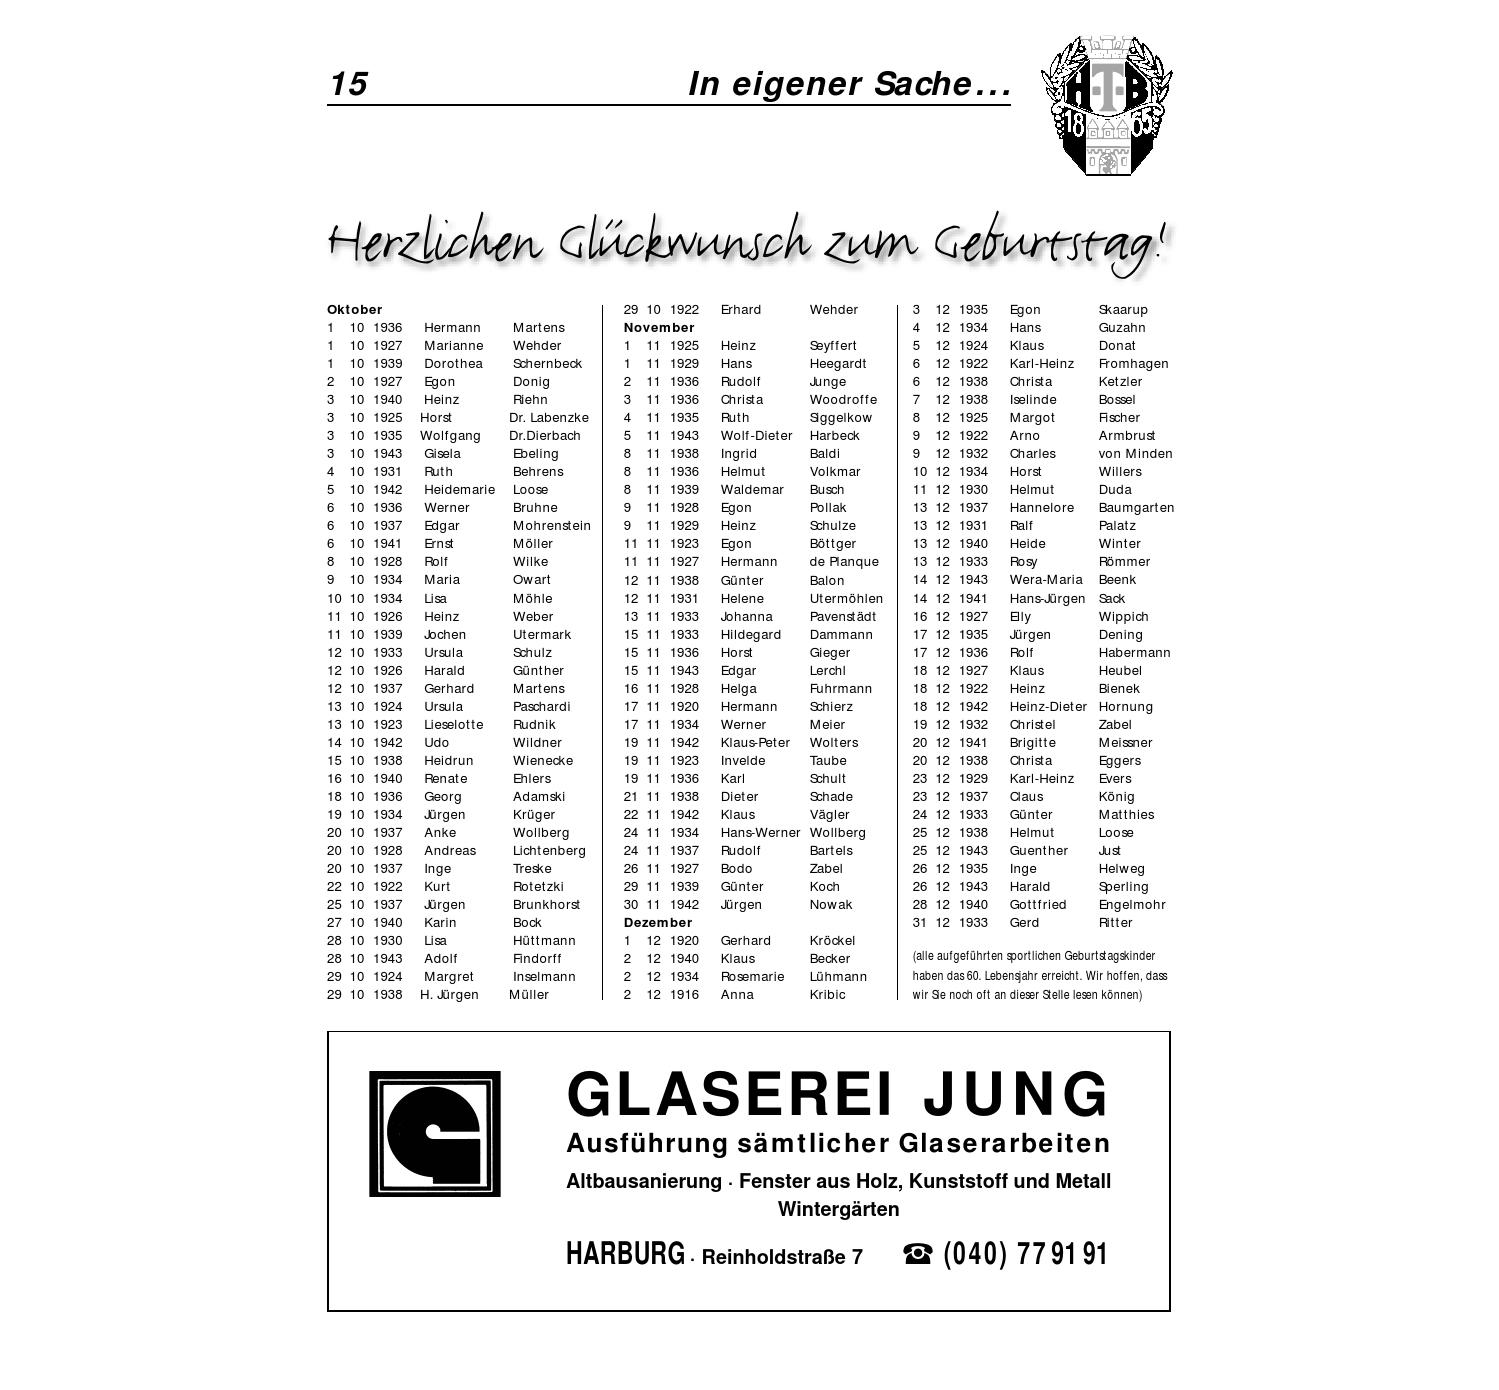 Glaserei Harburg 2003 03 htb magazin schwarz weiss by harburger turnerbund 1865